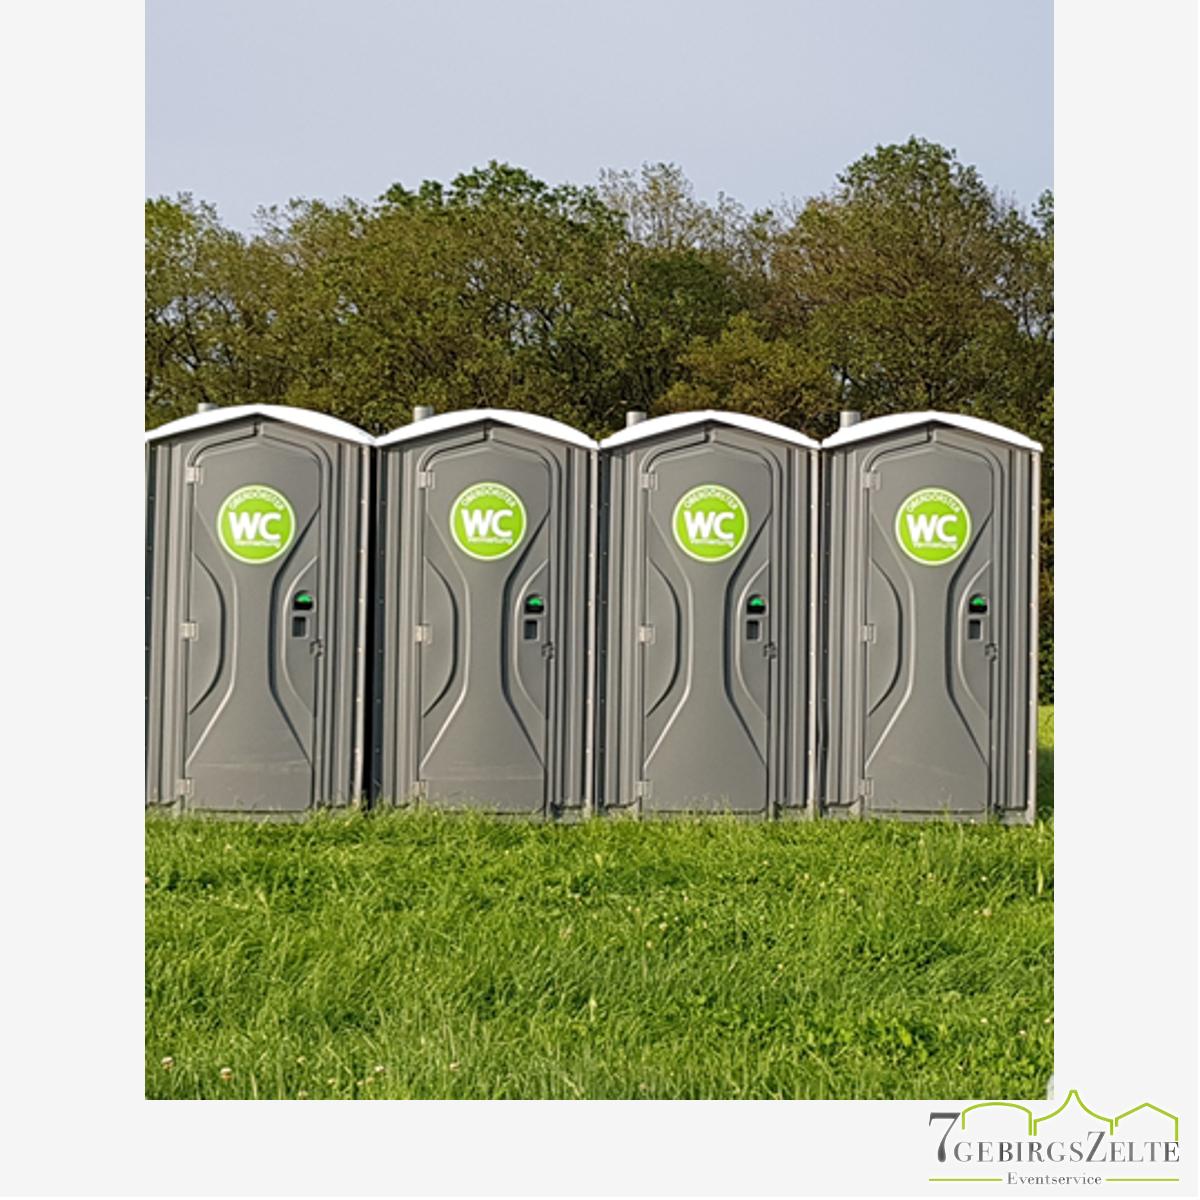 VIP WC Veranstaltungskabine